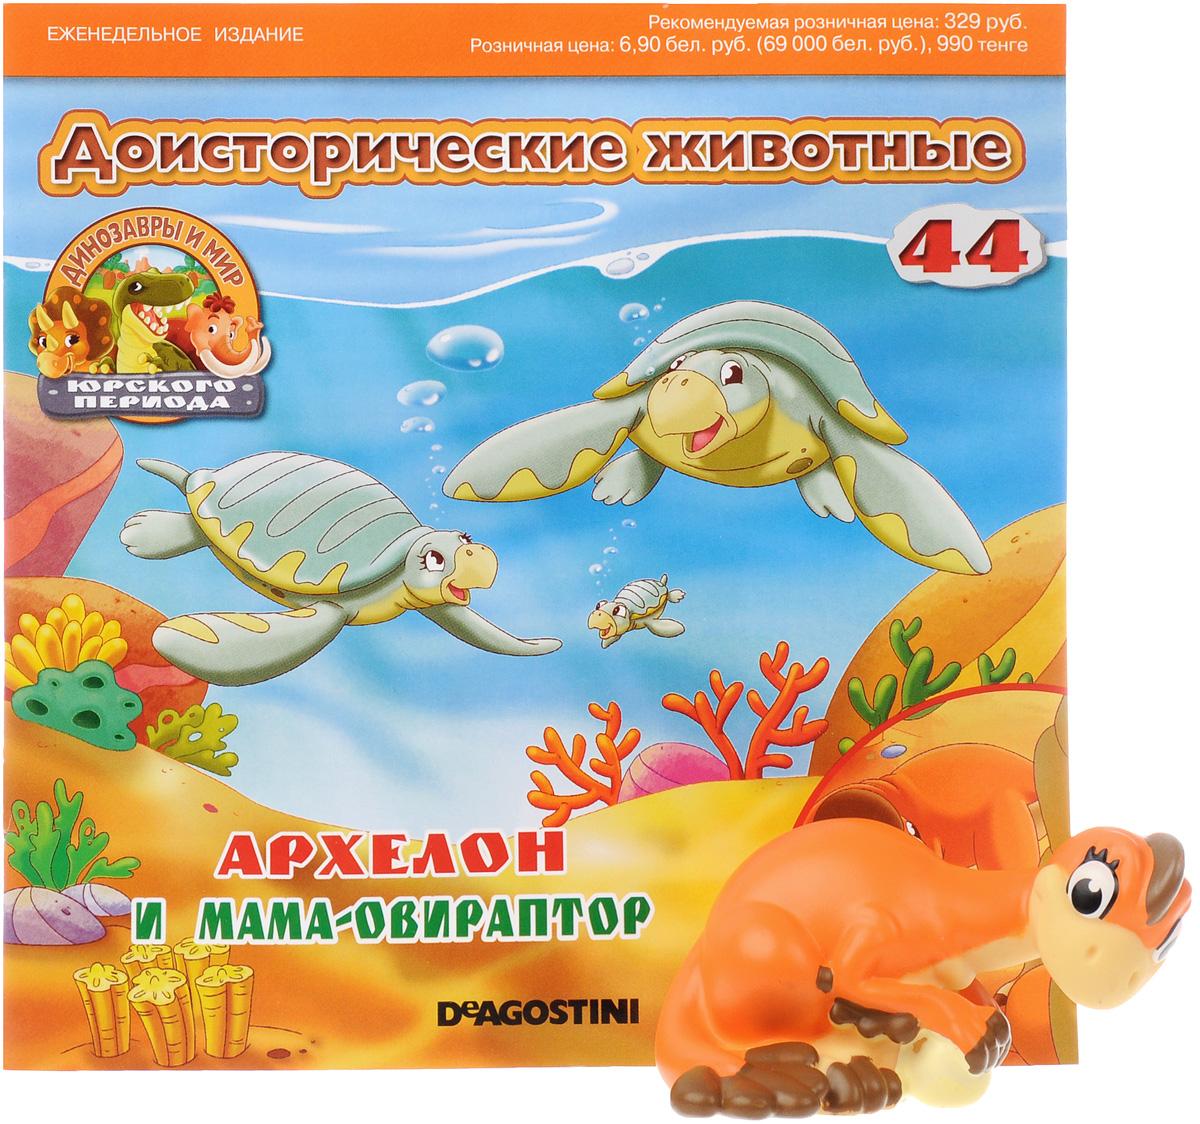 """Журнал """"Динозавры и мир Юрского периода"""" №44,"""